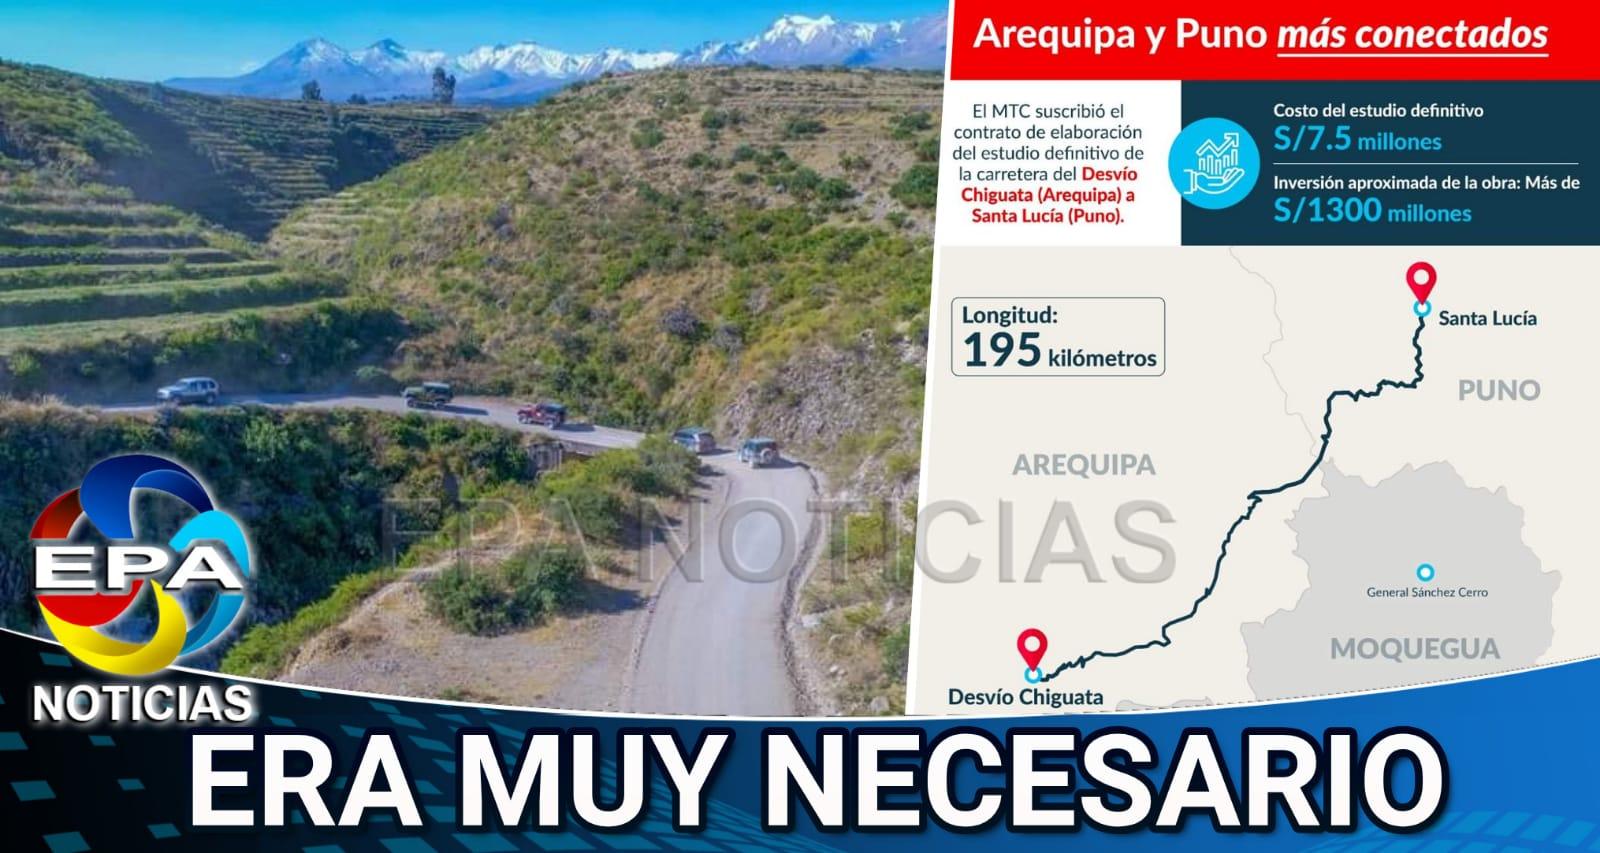 Arequipa. Mantenimiento beneficiará hasta a los pueblos de Moquegua.